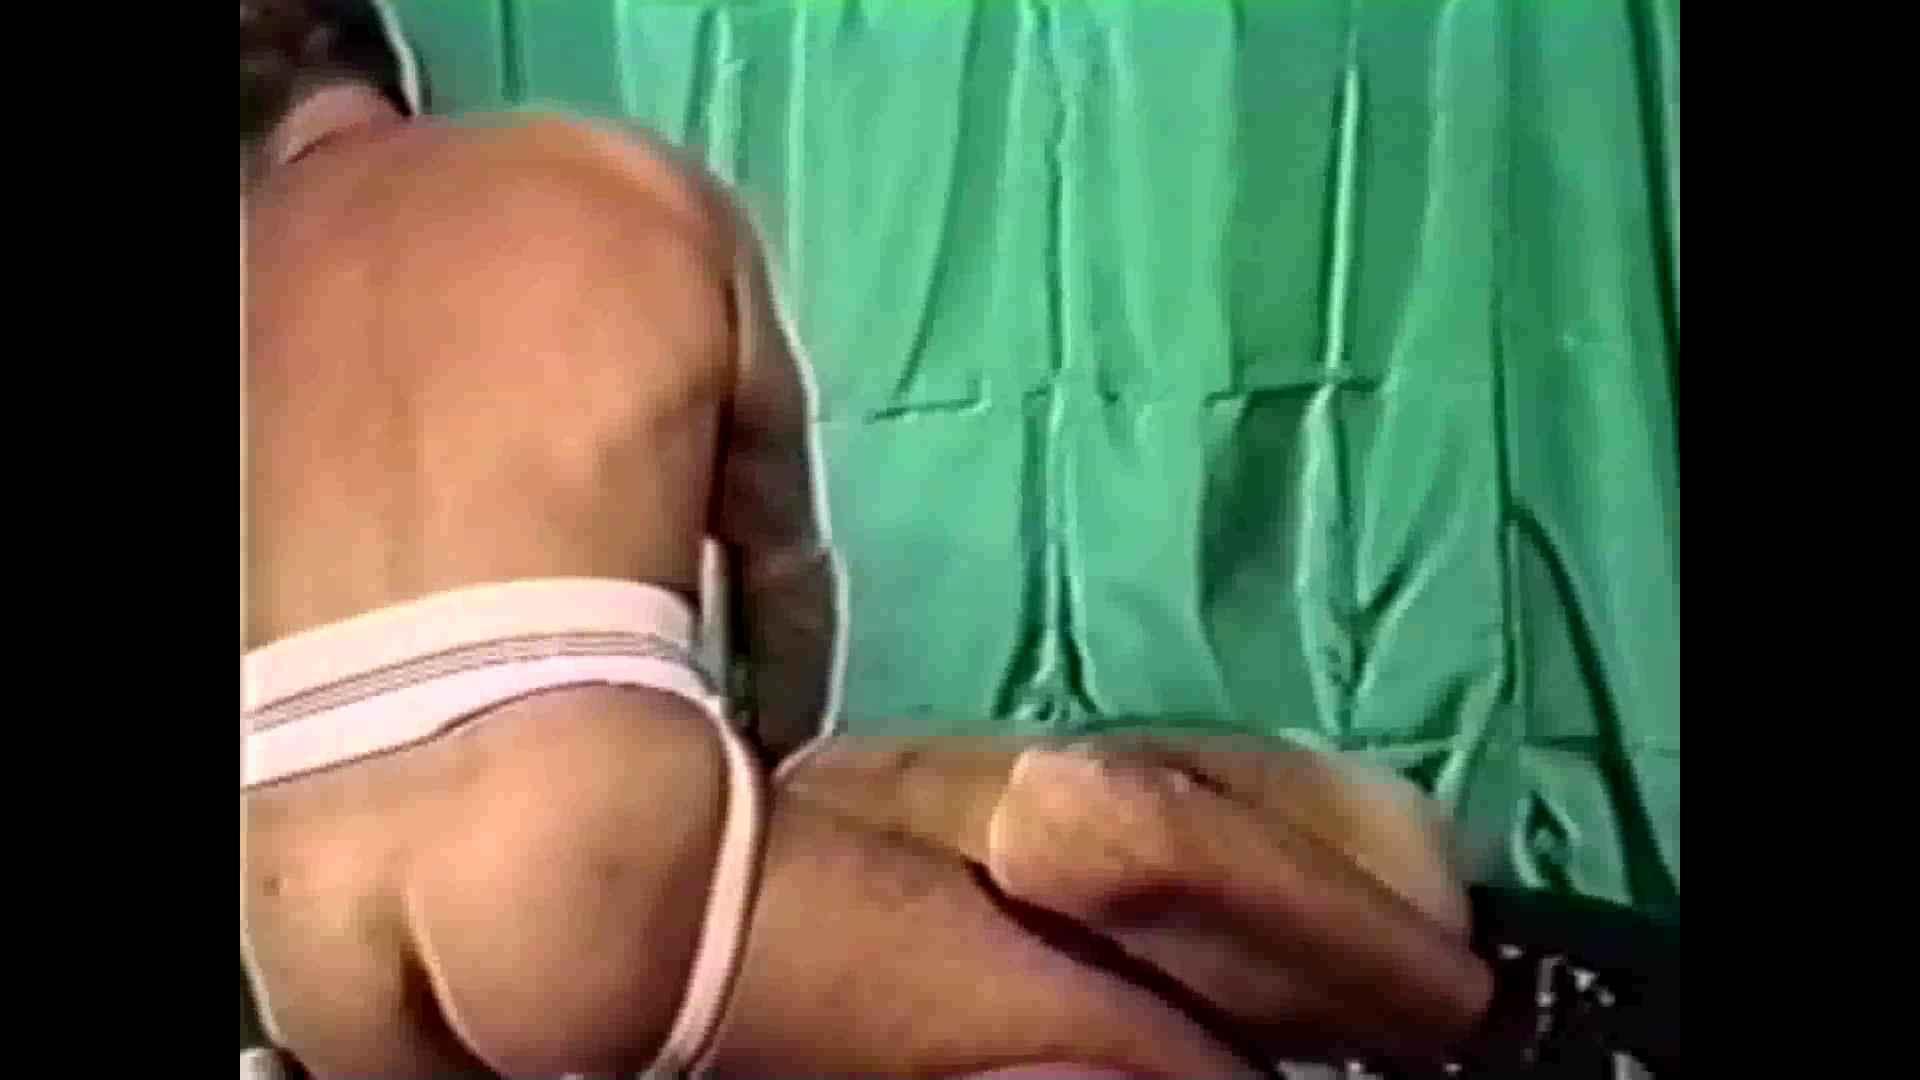 往年の名作 ヤングマン Vol.04 ゲイイメージ ゲイアダルトビデオ画像 47pic 21